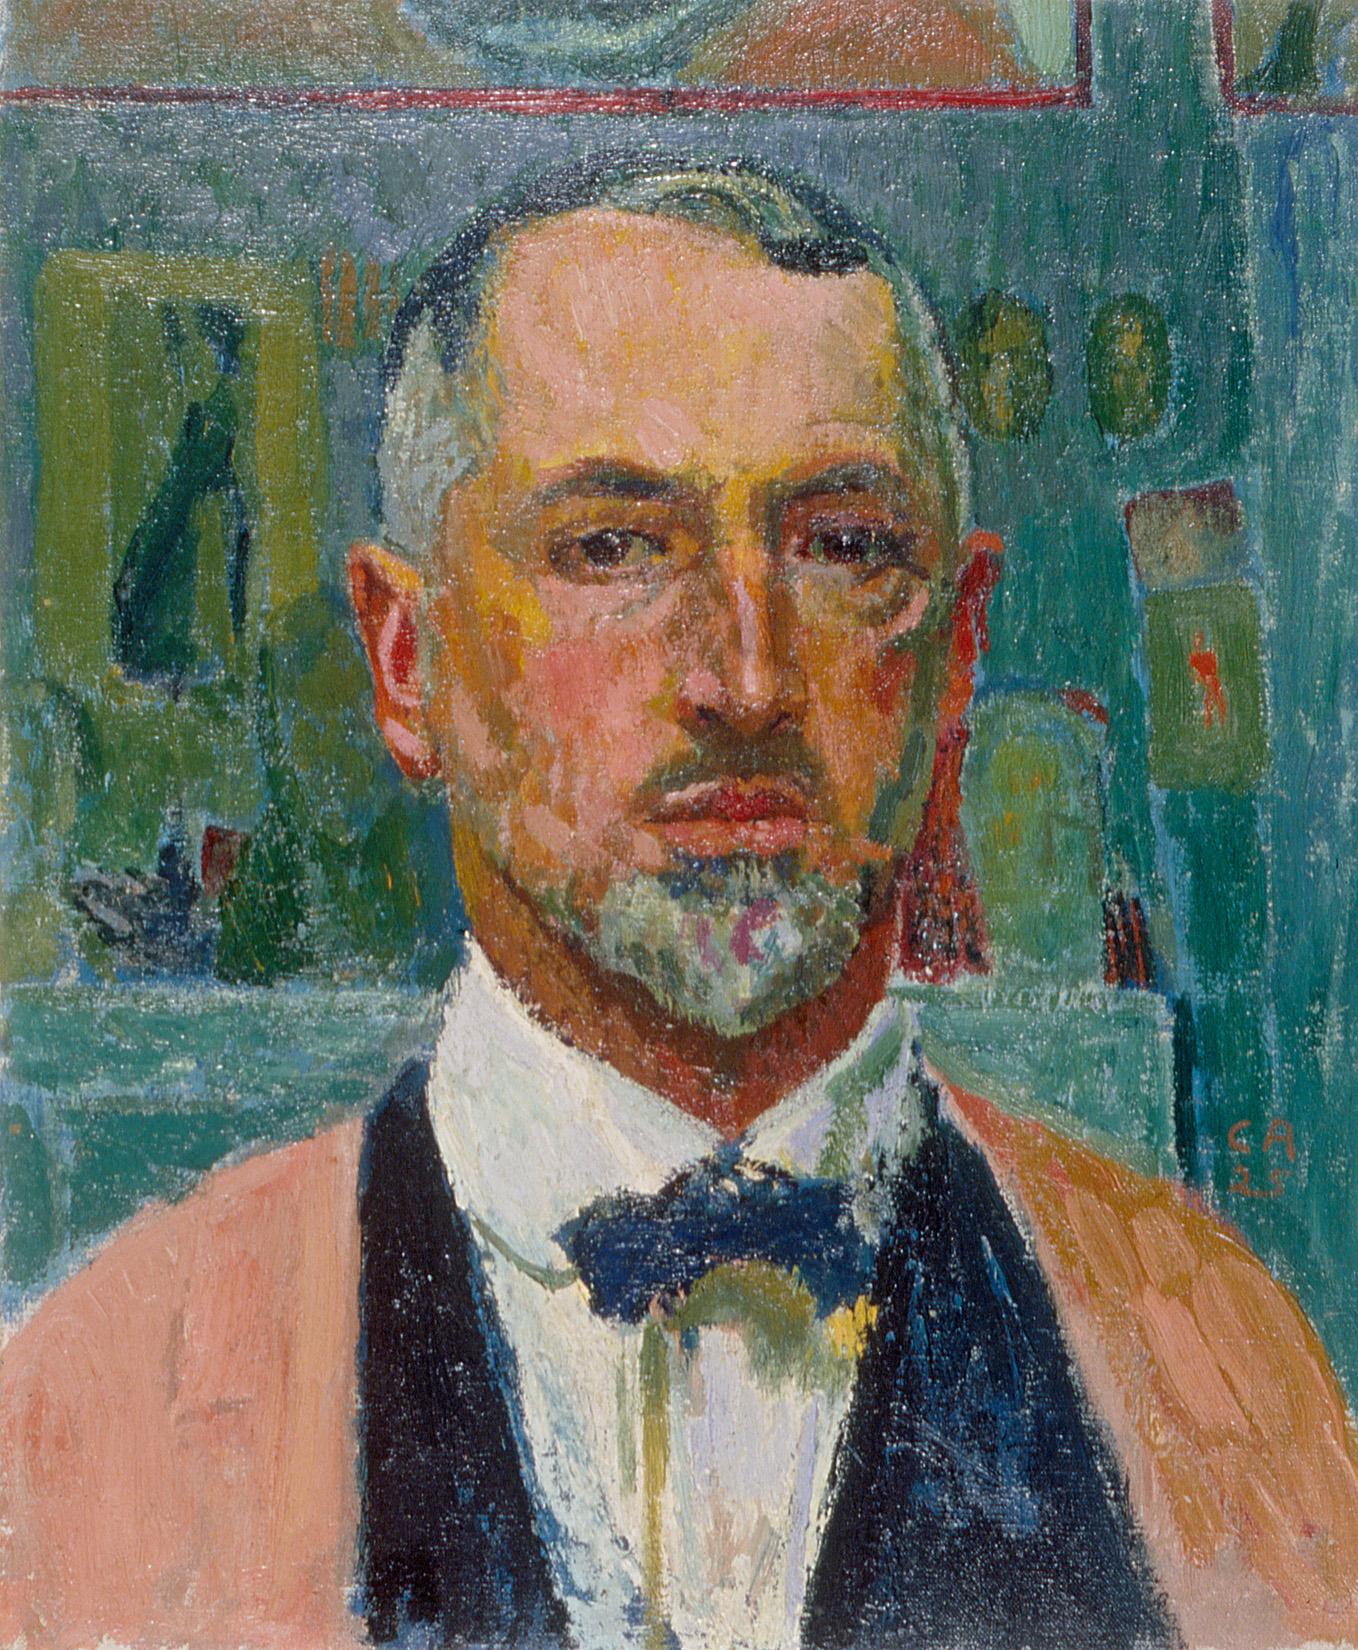 Cuno Amiet, Selbstbildnis, 1925